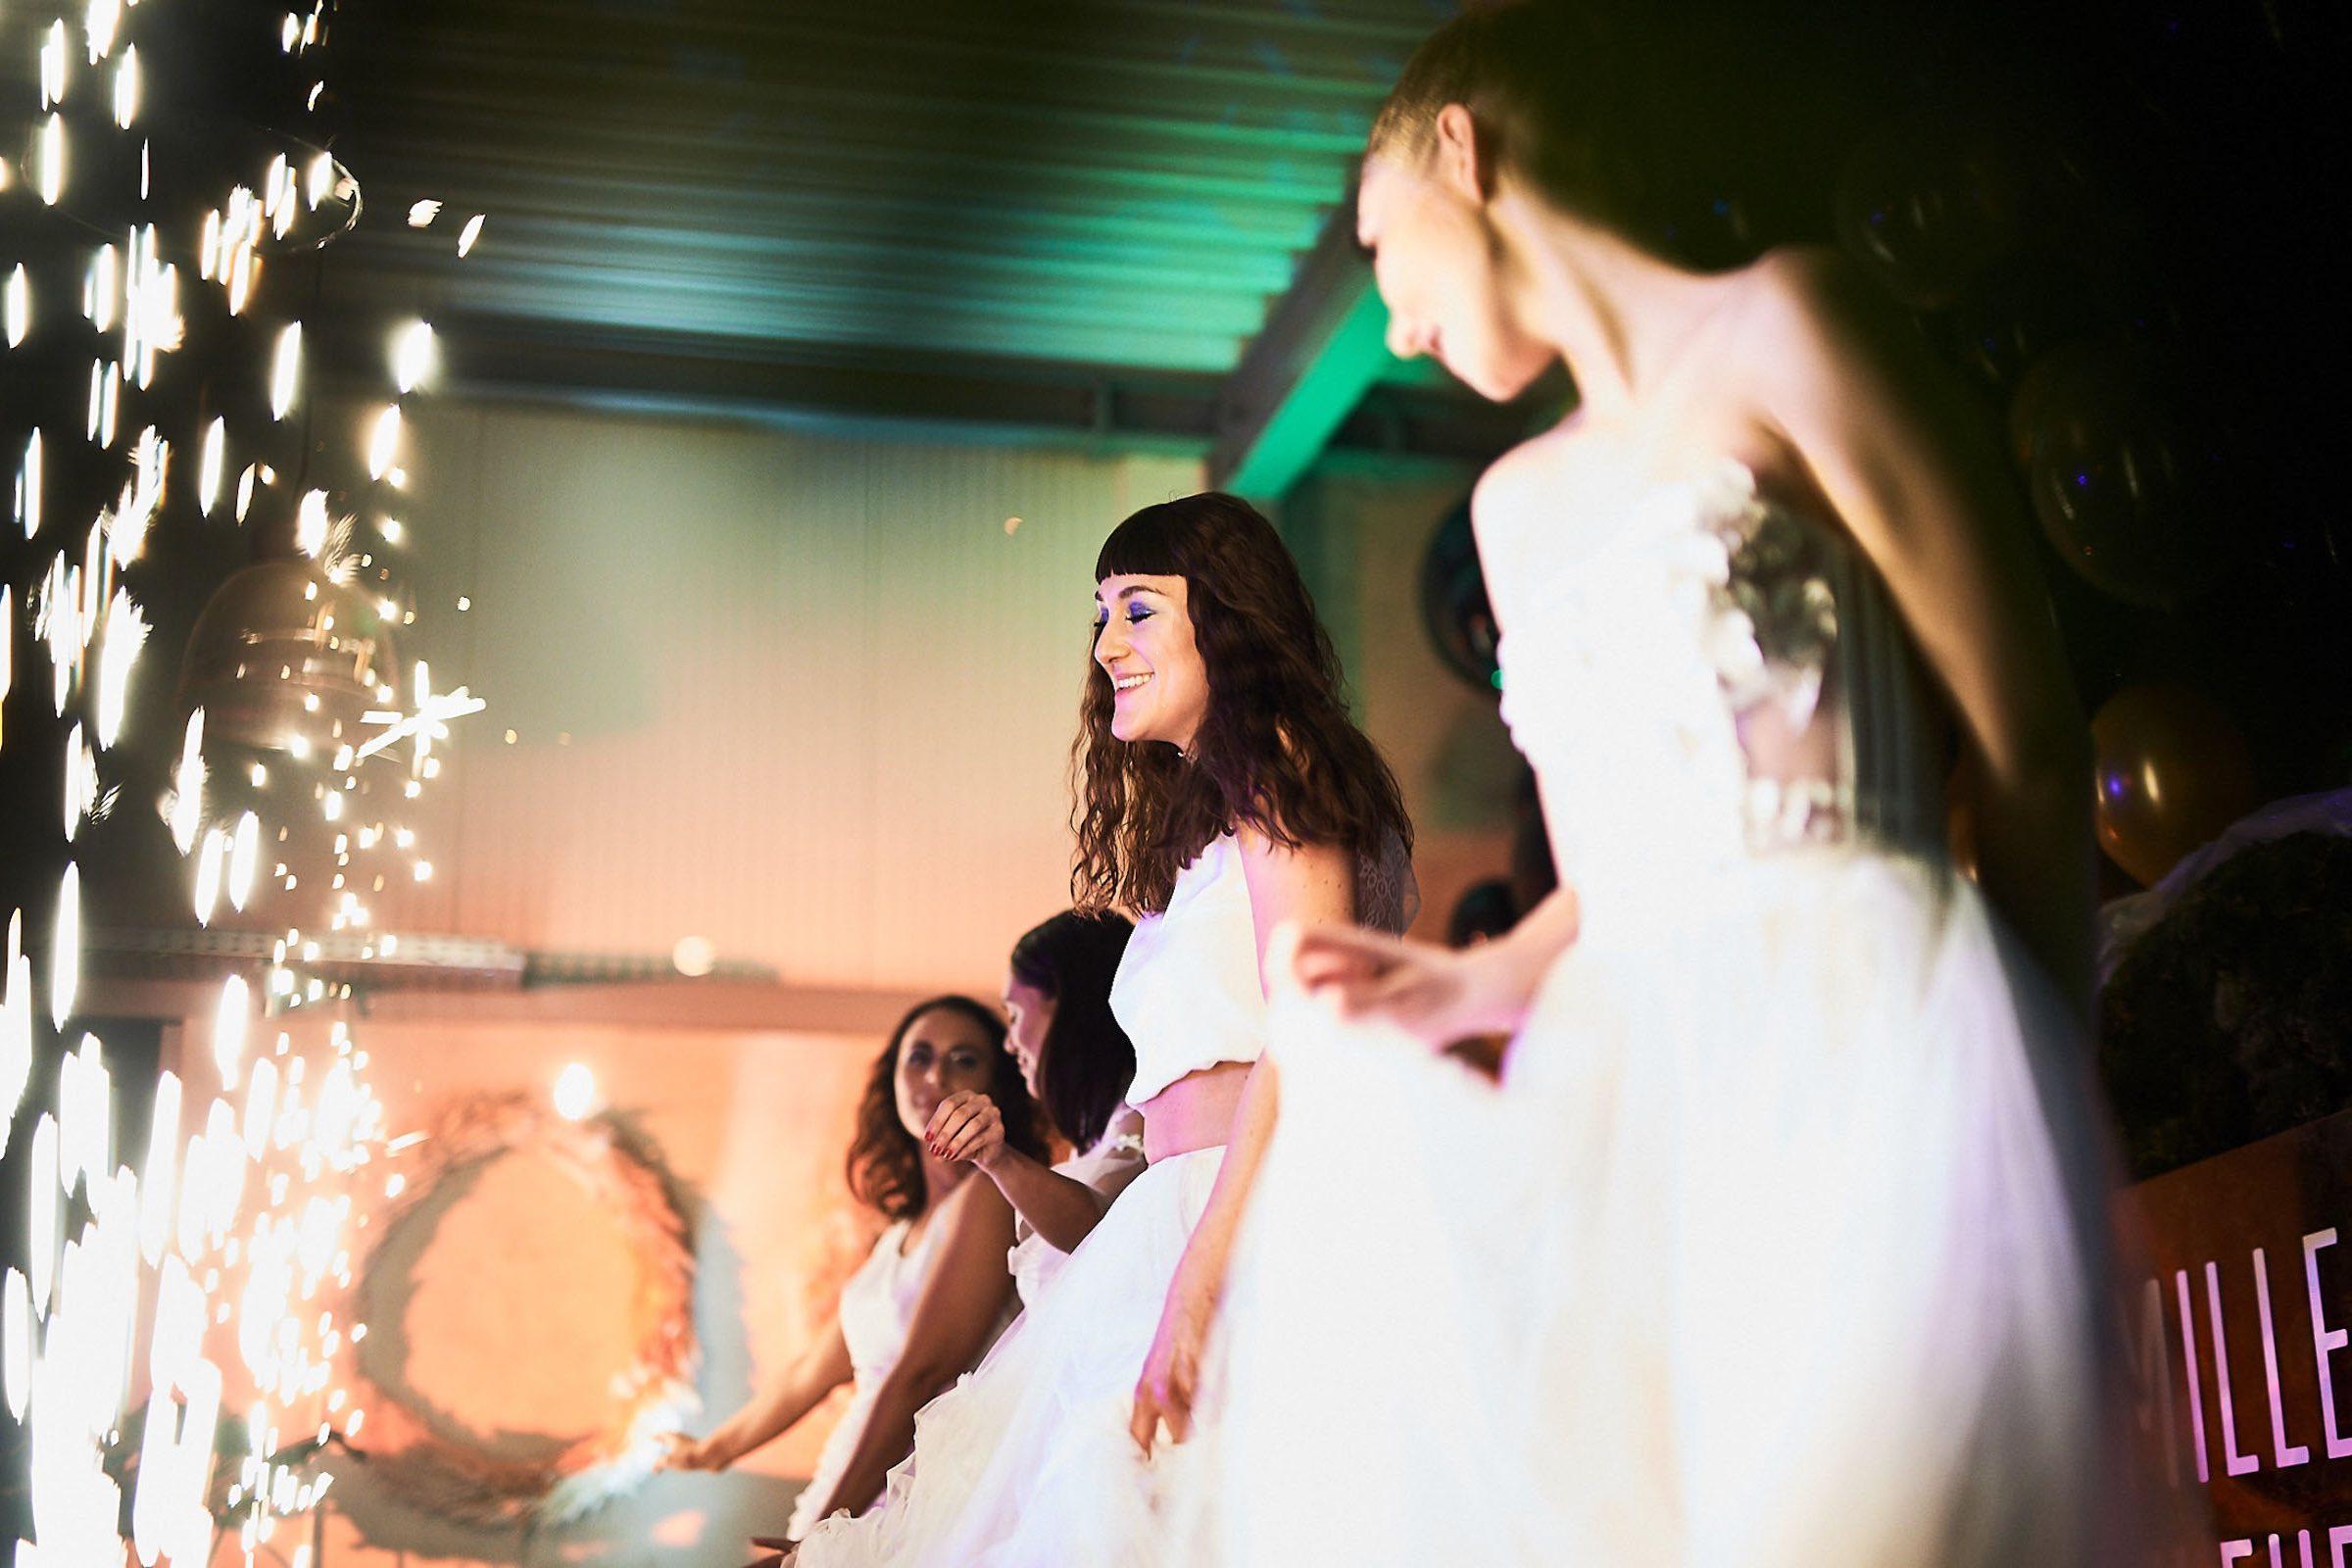 DJ | Hochzeit | Hannover | Braunschweig | Peine | DJ | Agentur | DJ | Messe | Hochzeits | DJ | Hannover | DJ | Firmenevent | Firmenfeier | DJ | Geburtstag | DJ | Weihnachtsfeier | DJ | Sommerfest | Buchen | Anfragen